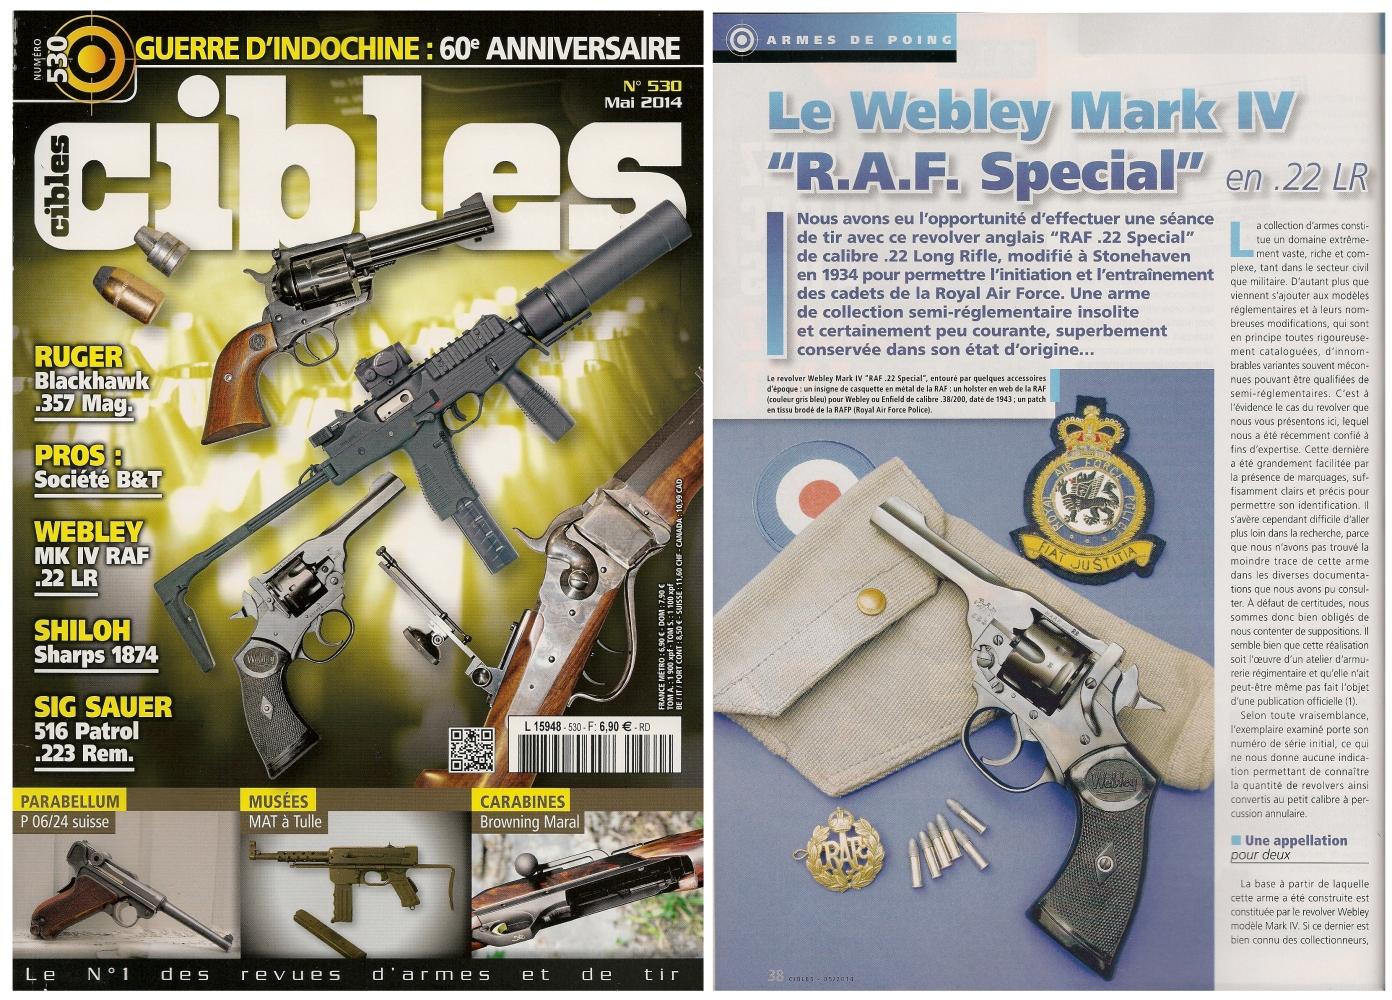 Le banc d'essai du revolver Webley Mark IV « RAF Special » a été publié sur 5 pages dans le magazine Cibles n°530 (mai 2014)